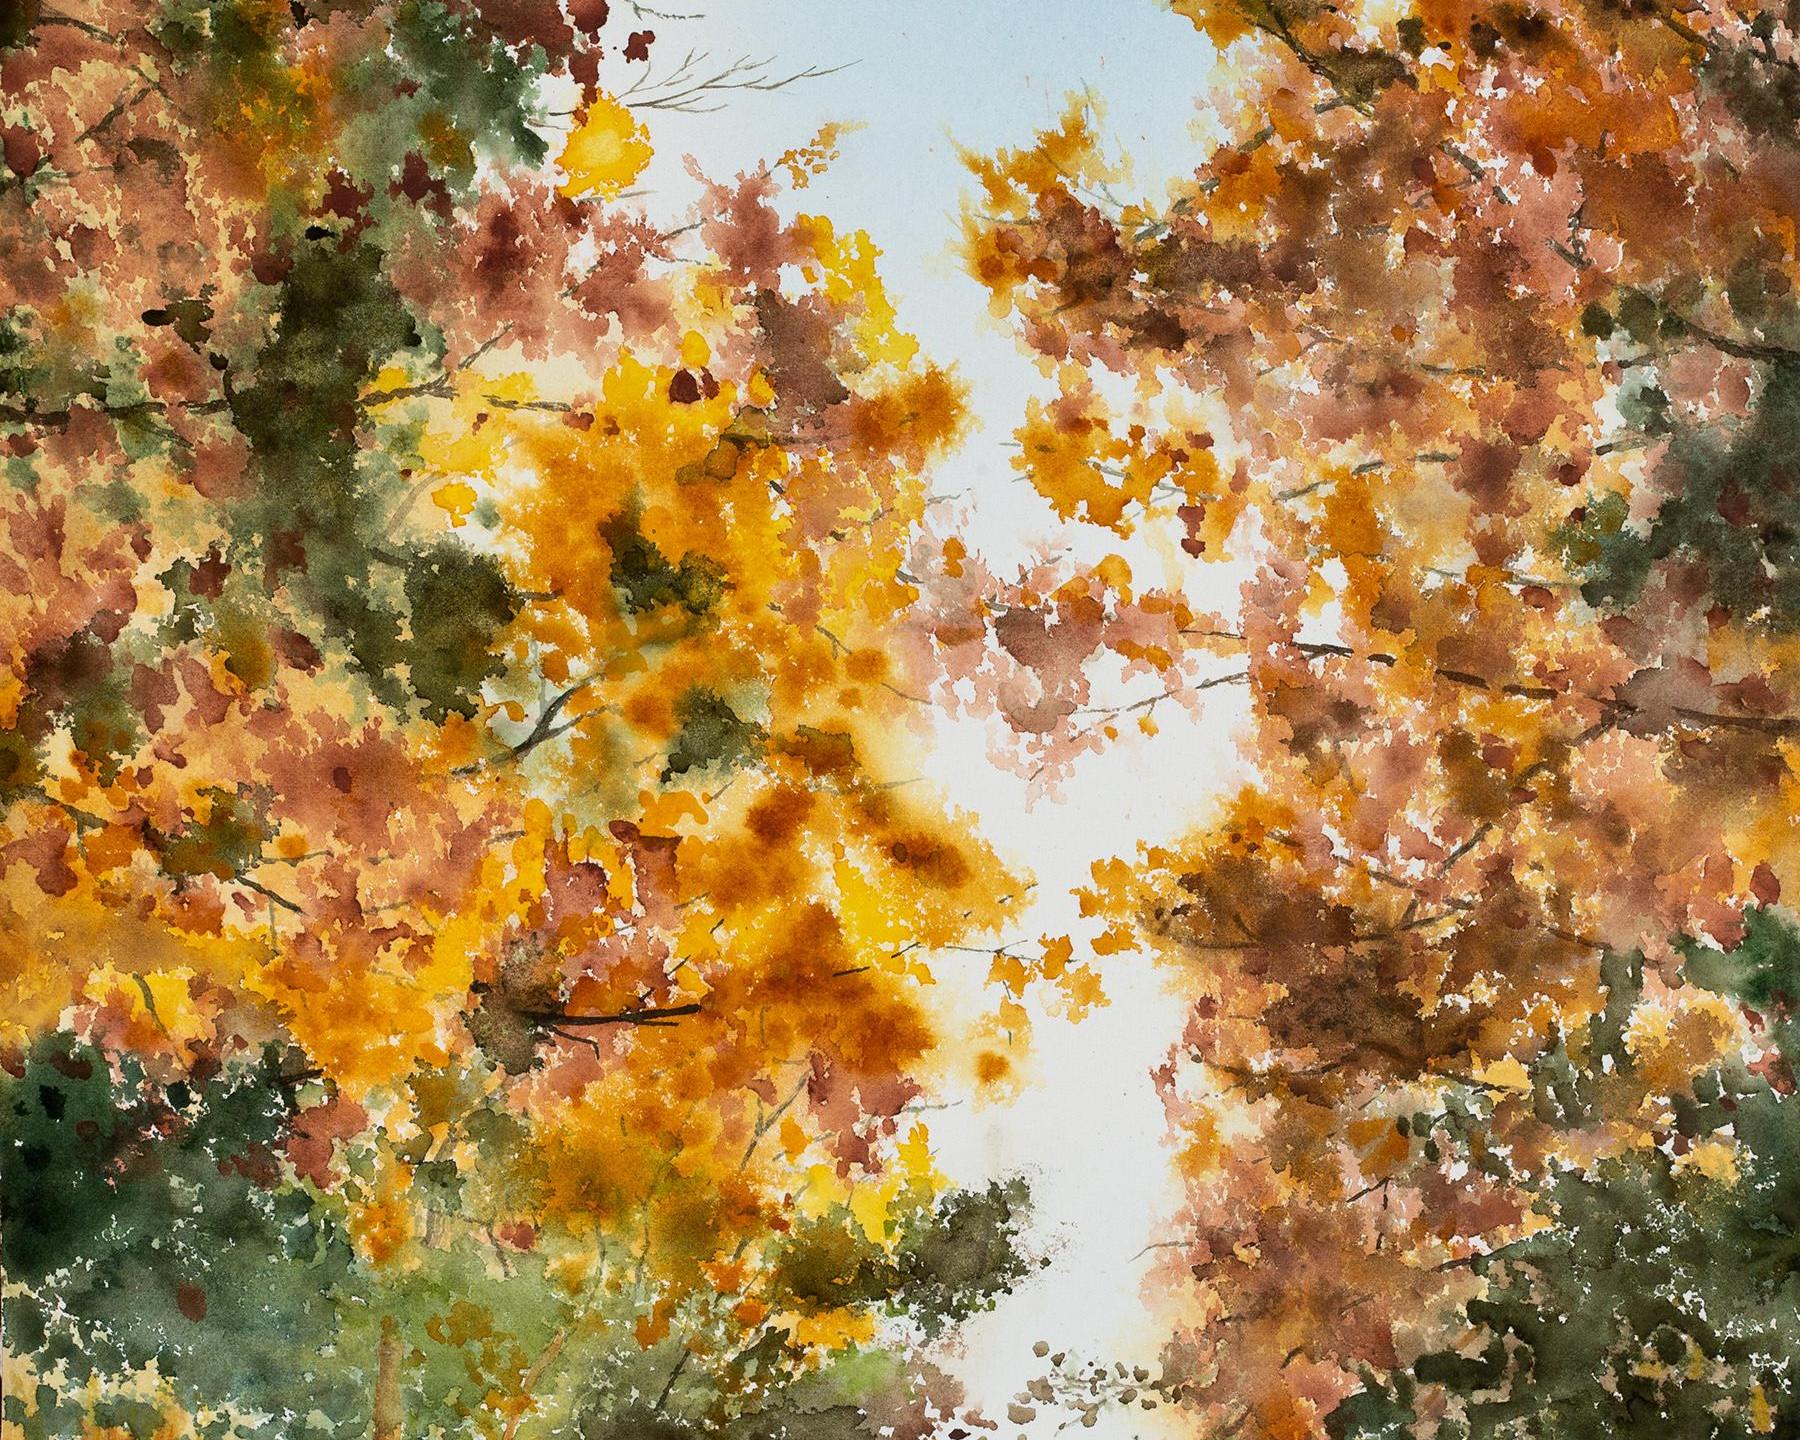 Dressler, Baerbel - Autumn